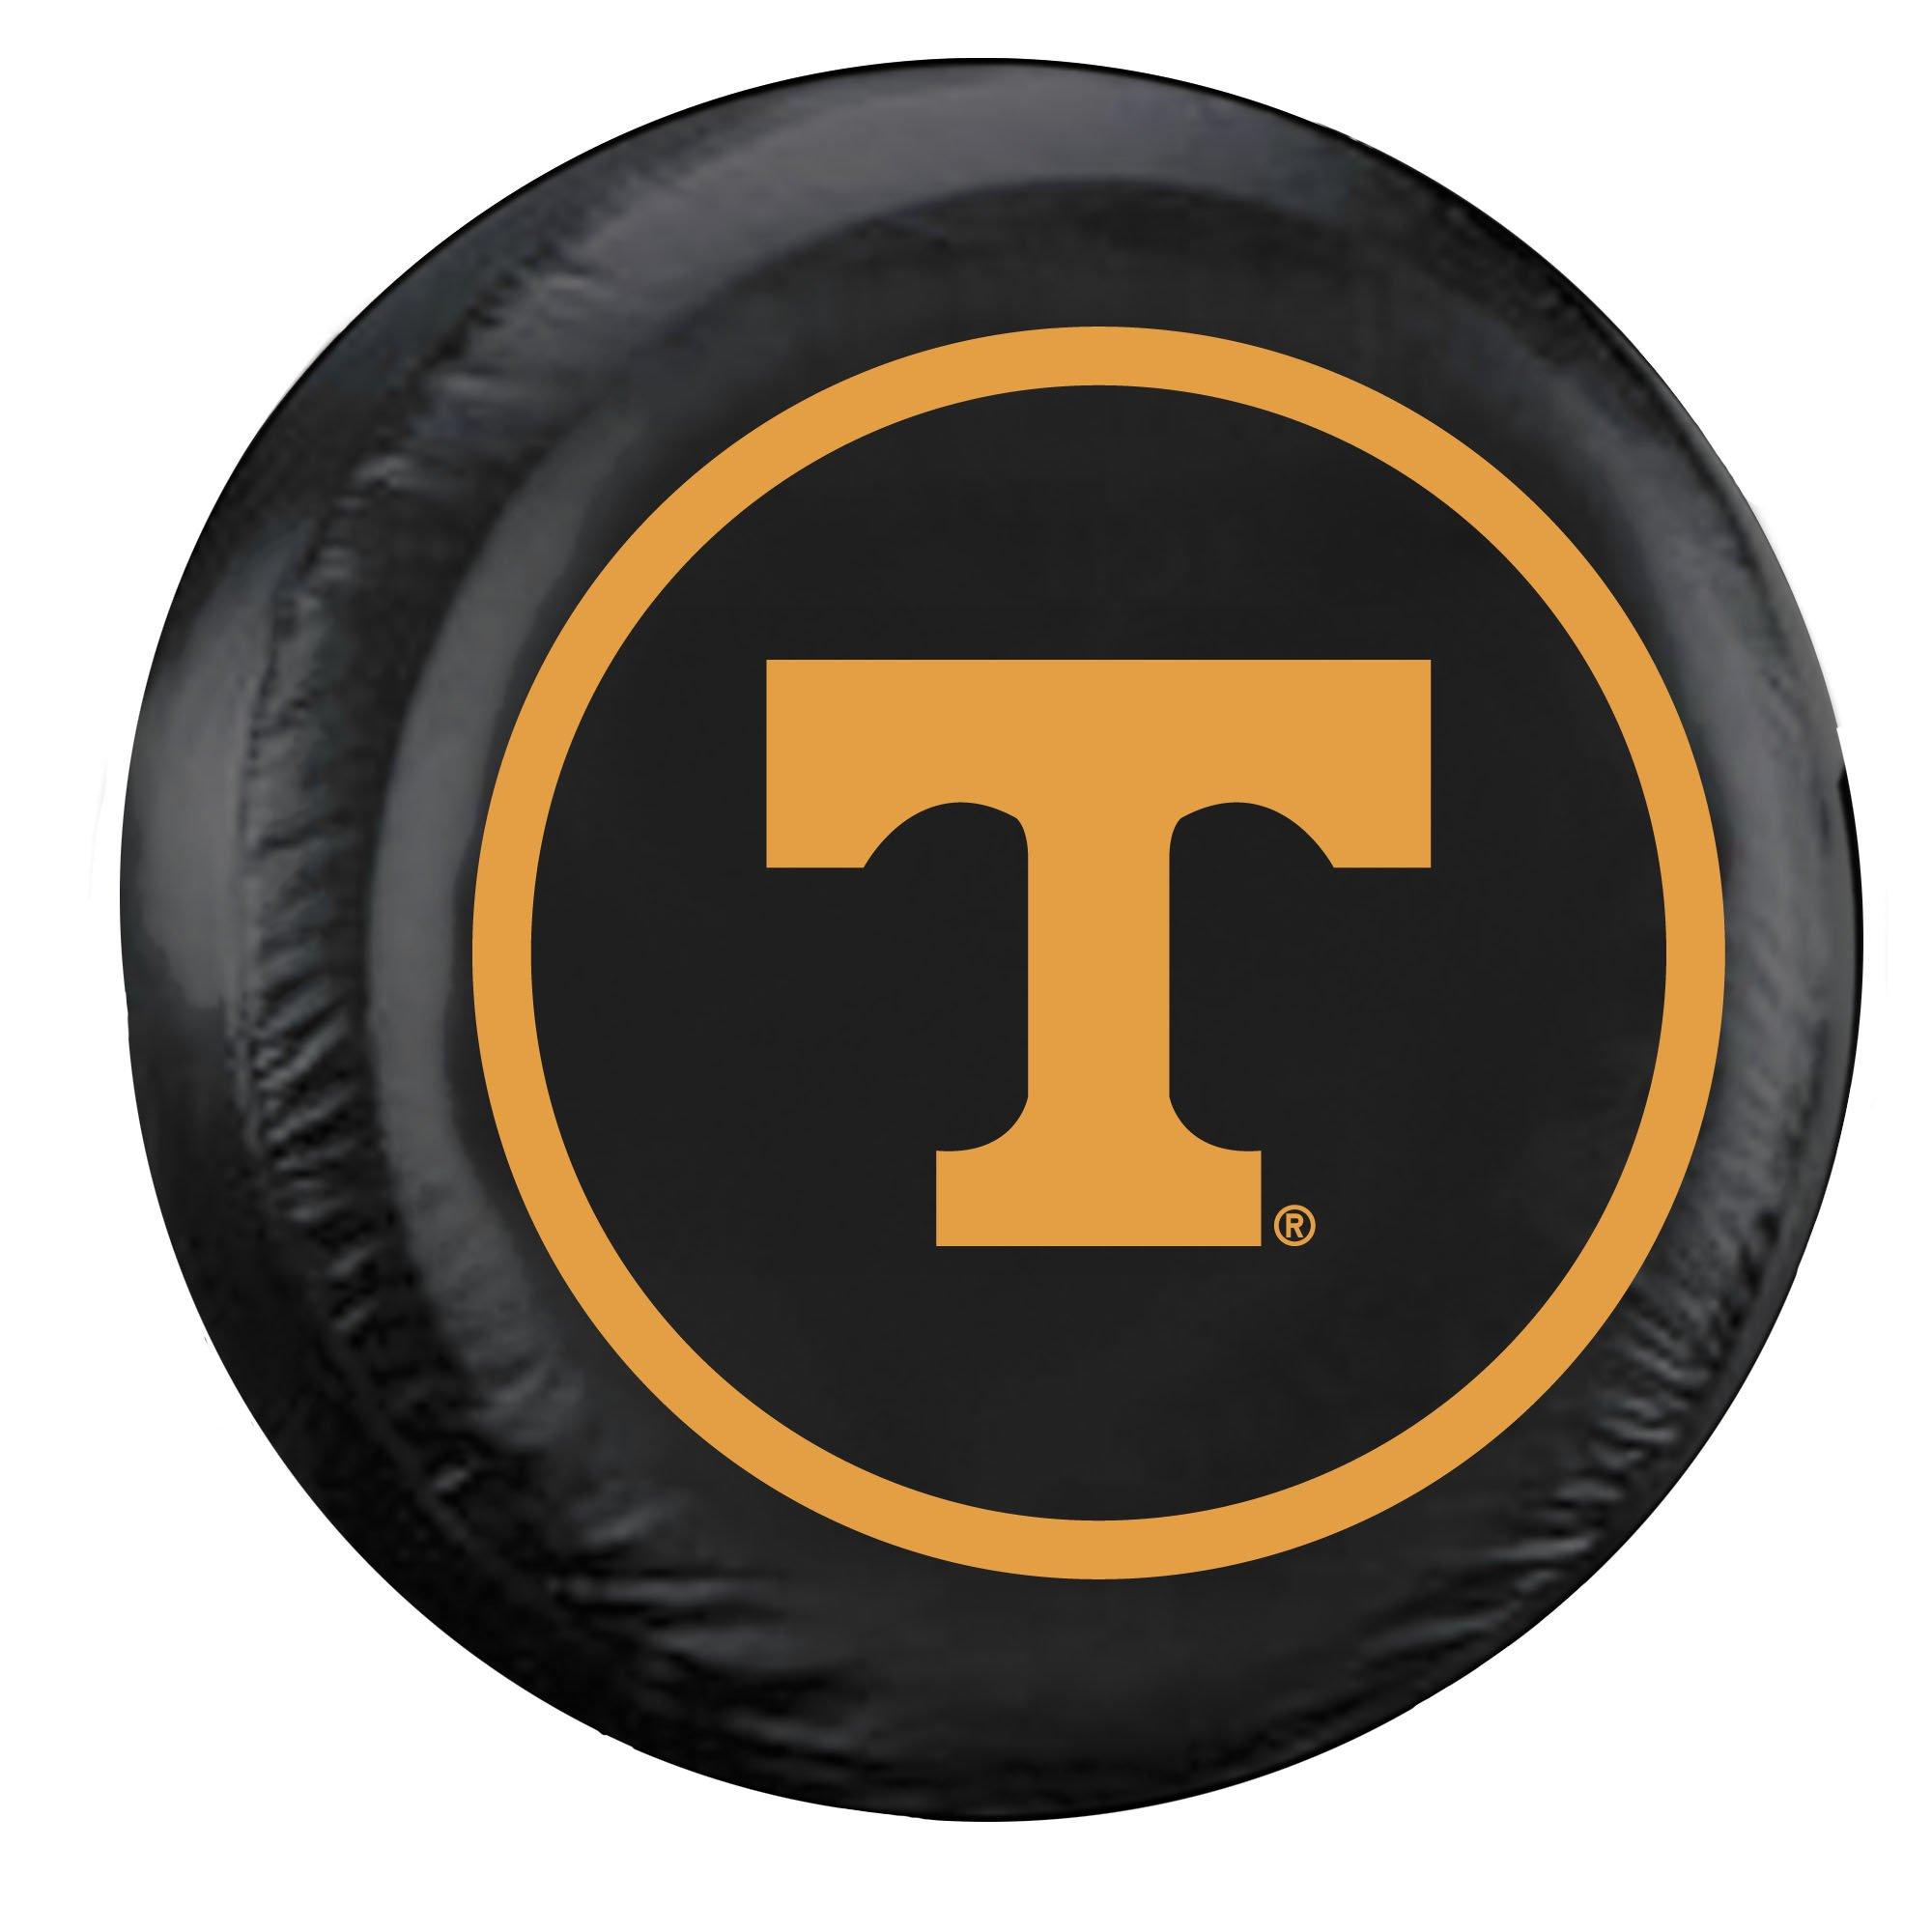 Fremont Die NCAA Tennessee Volunteers Tire Cover, Standard Size (27-29'' Diameter)